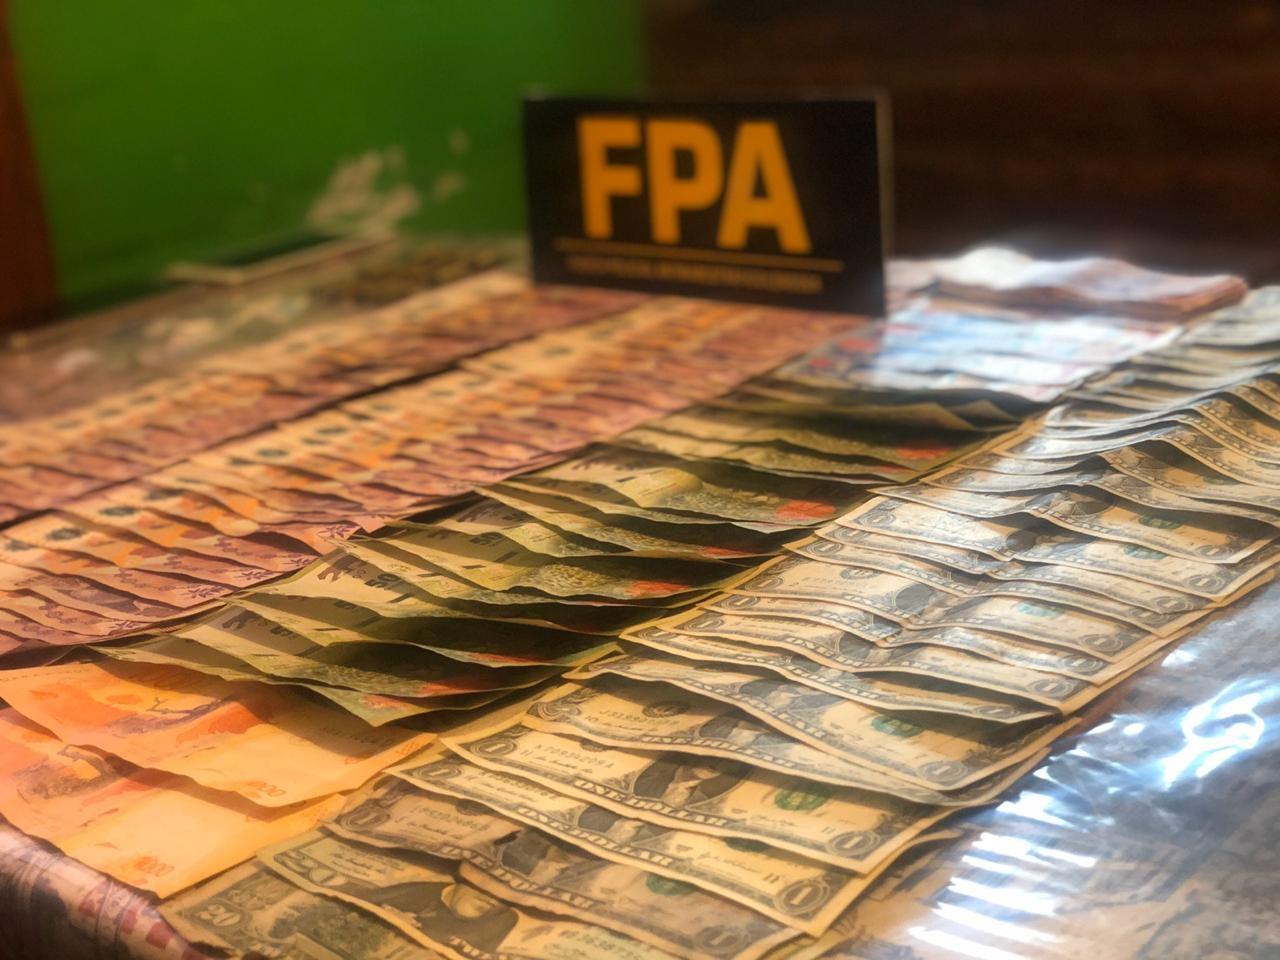 B° Cooperativa El Progreso: FPA cerró un quiosco de drogas en el que hasta hacían cola para comprar cocaína.